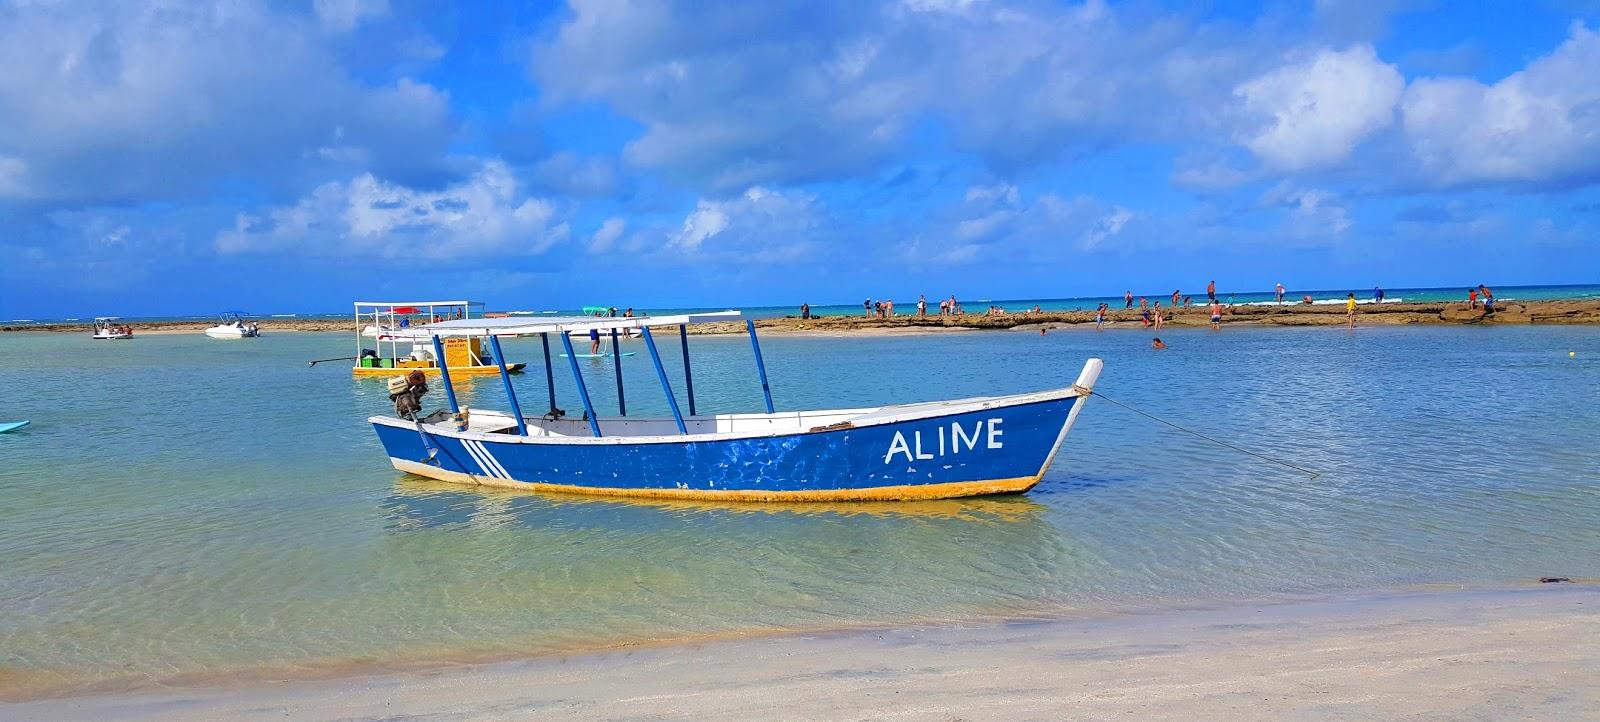 Praia dos Carneiros em Tamandaré, Pernambuco, Costa dos Corais